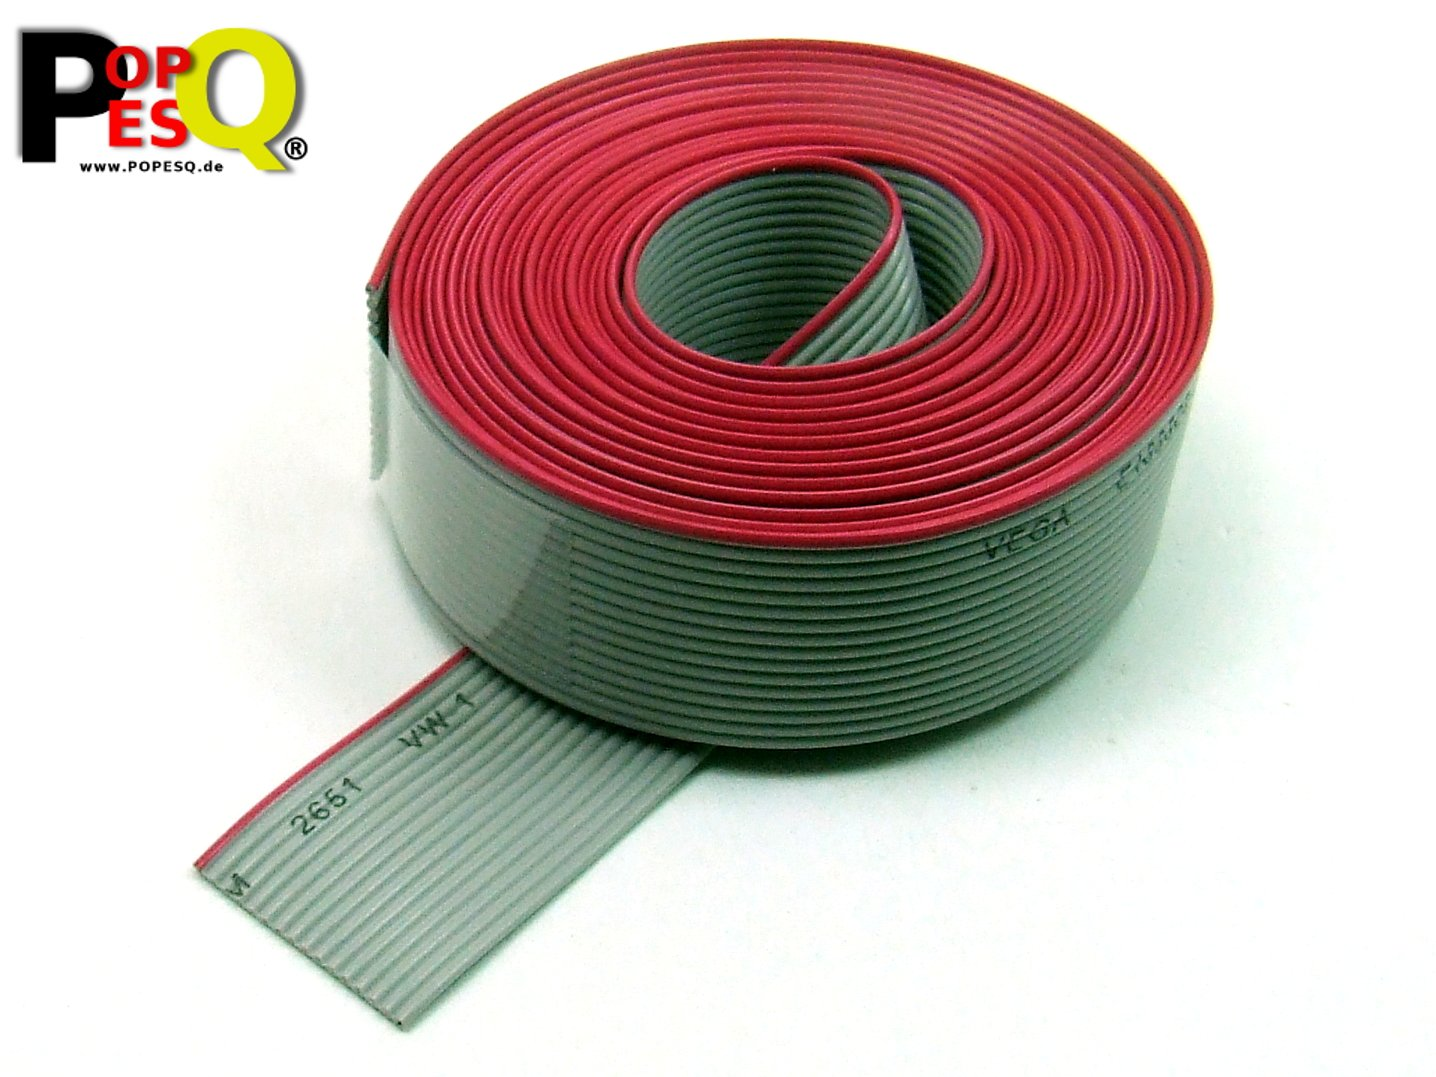 3 m x Flachbandkabel 8 polig 1.27mm für 2.54mm Verbinder #A1508